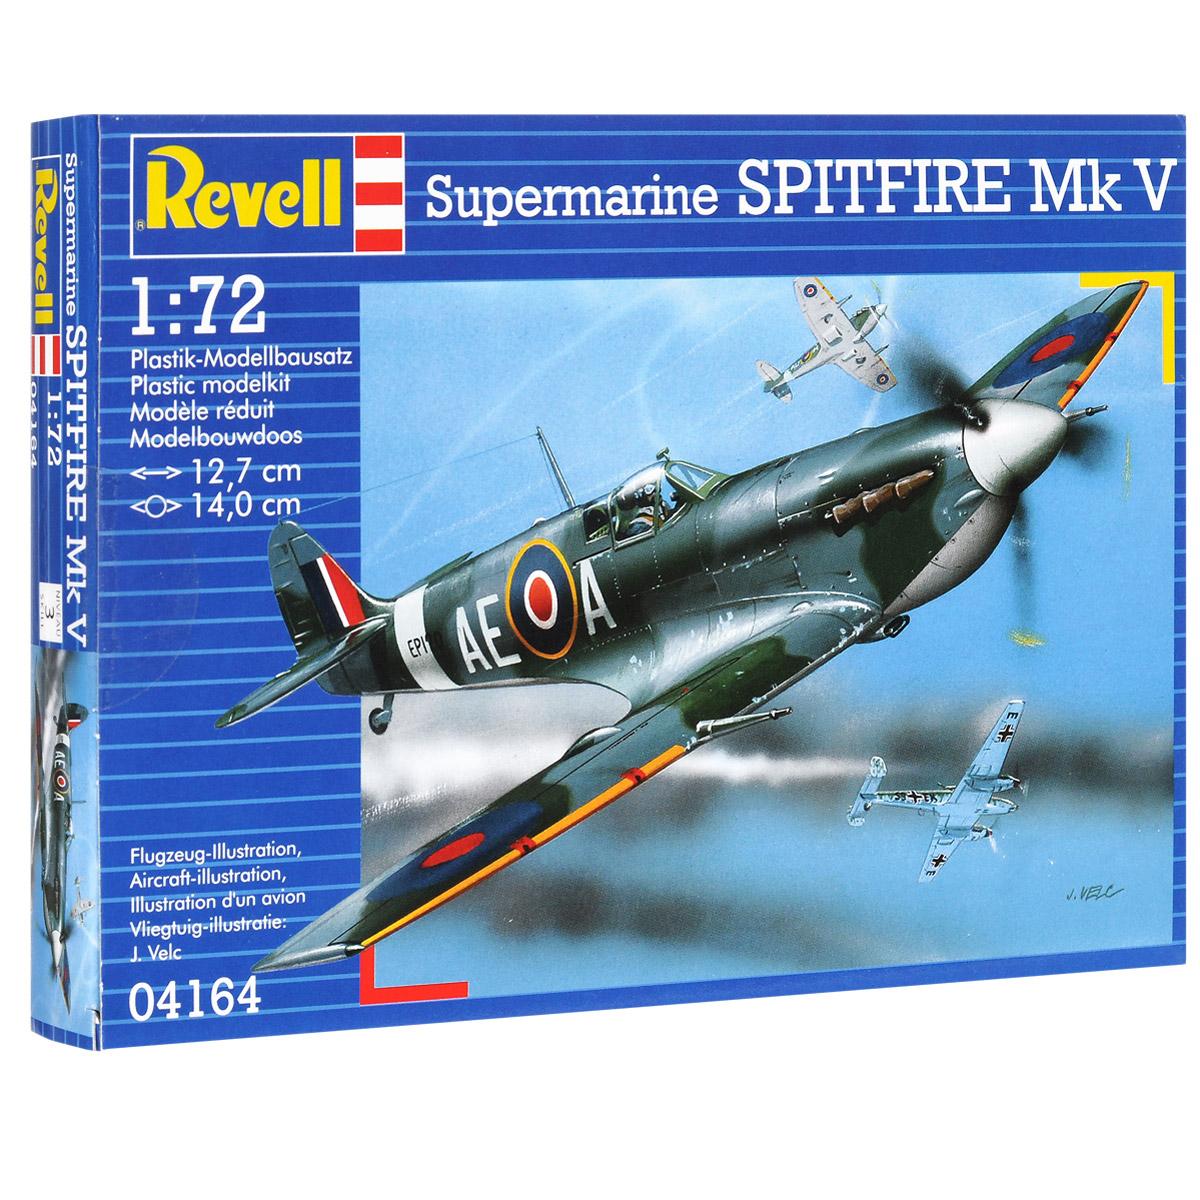 Сборная модель Revell Самолет Supermarine SpritFire Мk V04164Сборная модель Revell Самолет Supermarine SpritFire Мk V поможет вам и вашему ребенку придумать увлекательное занятие на долгое время. Набор включает в себя 39 пластиковых элементов, из которых можно собрать достоверную уменьшенную копию одноименного самолета. Supermarine Spitfire - английский истребитель времен Второй мировой войны. Считается одним из лучших истребителей Второй мировой войны. Его различные модификации использовались в качестве истребителя, истребителя-перехватчика, высотного истребителя, истребителя-бомбардировщика и самолета-разведчика. Всего был построен 20 351 экземпляр, включая двухместные тренировочные машины. Часть машин оставалась в строю до середины 1950-х годов. Также в наборе схематичная инструкция по сборке. Процесс сборки развивает интеллектуальные и инструментальные способности, воображение и конструктивное мышление, а также прививает практические навыки работы со схемами и чертежами. Уровень сложности: 3....